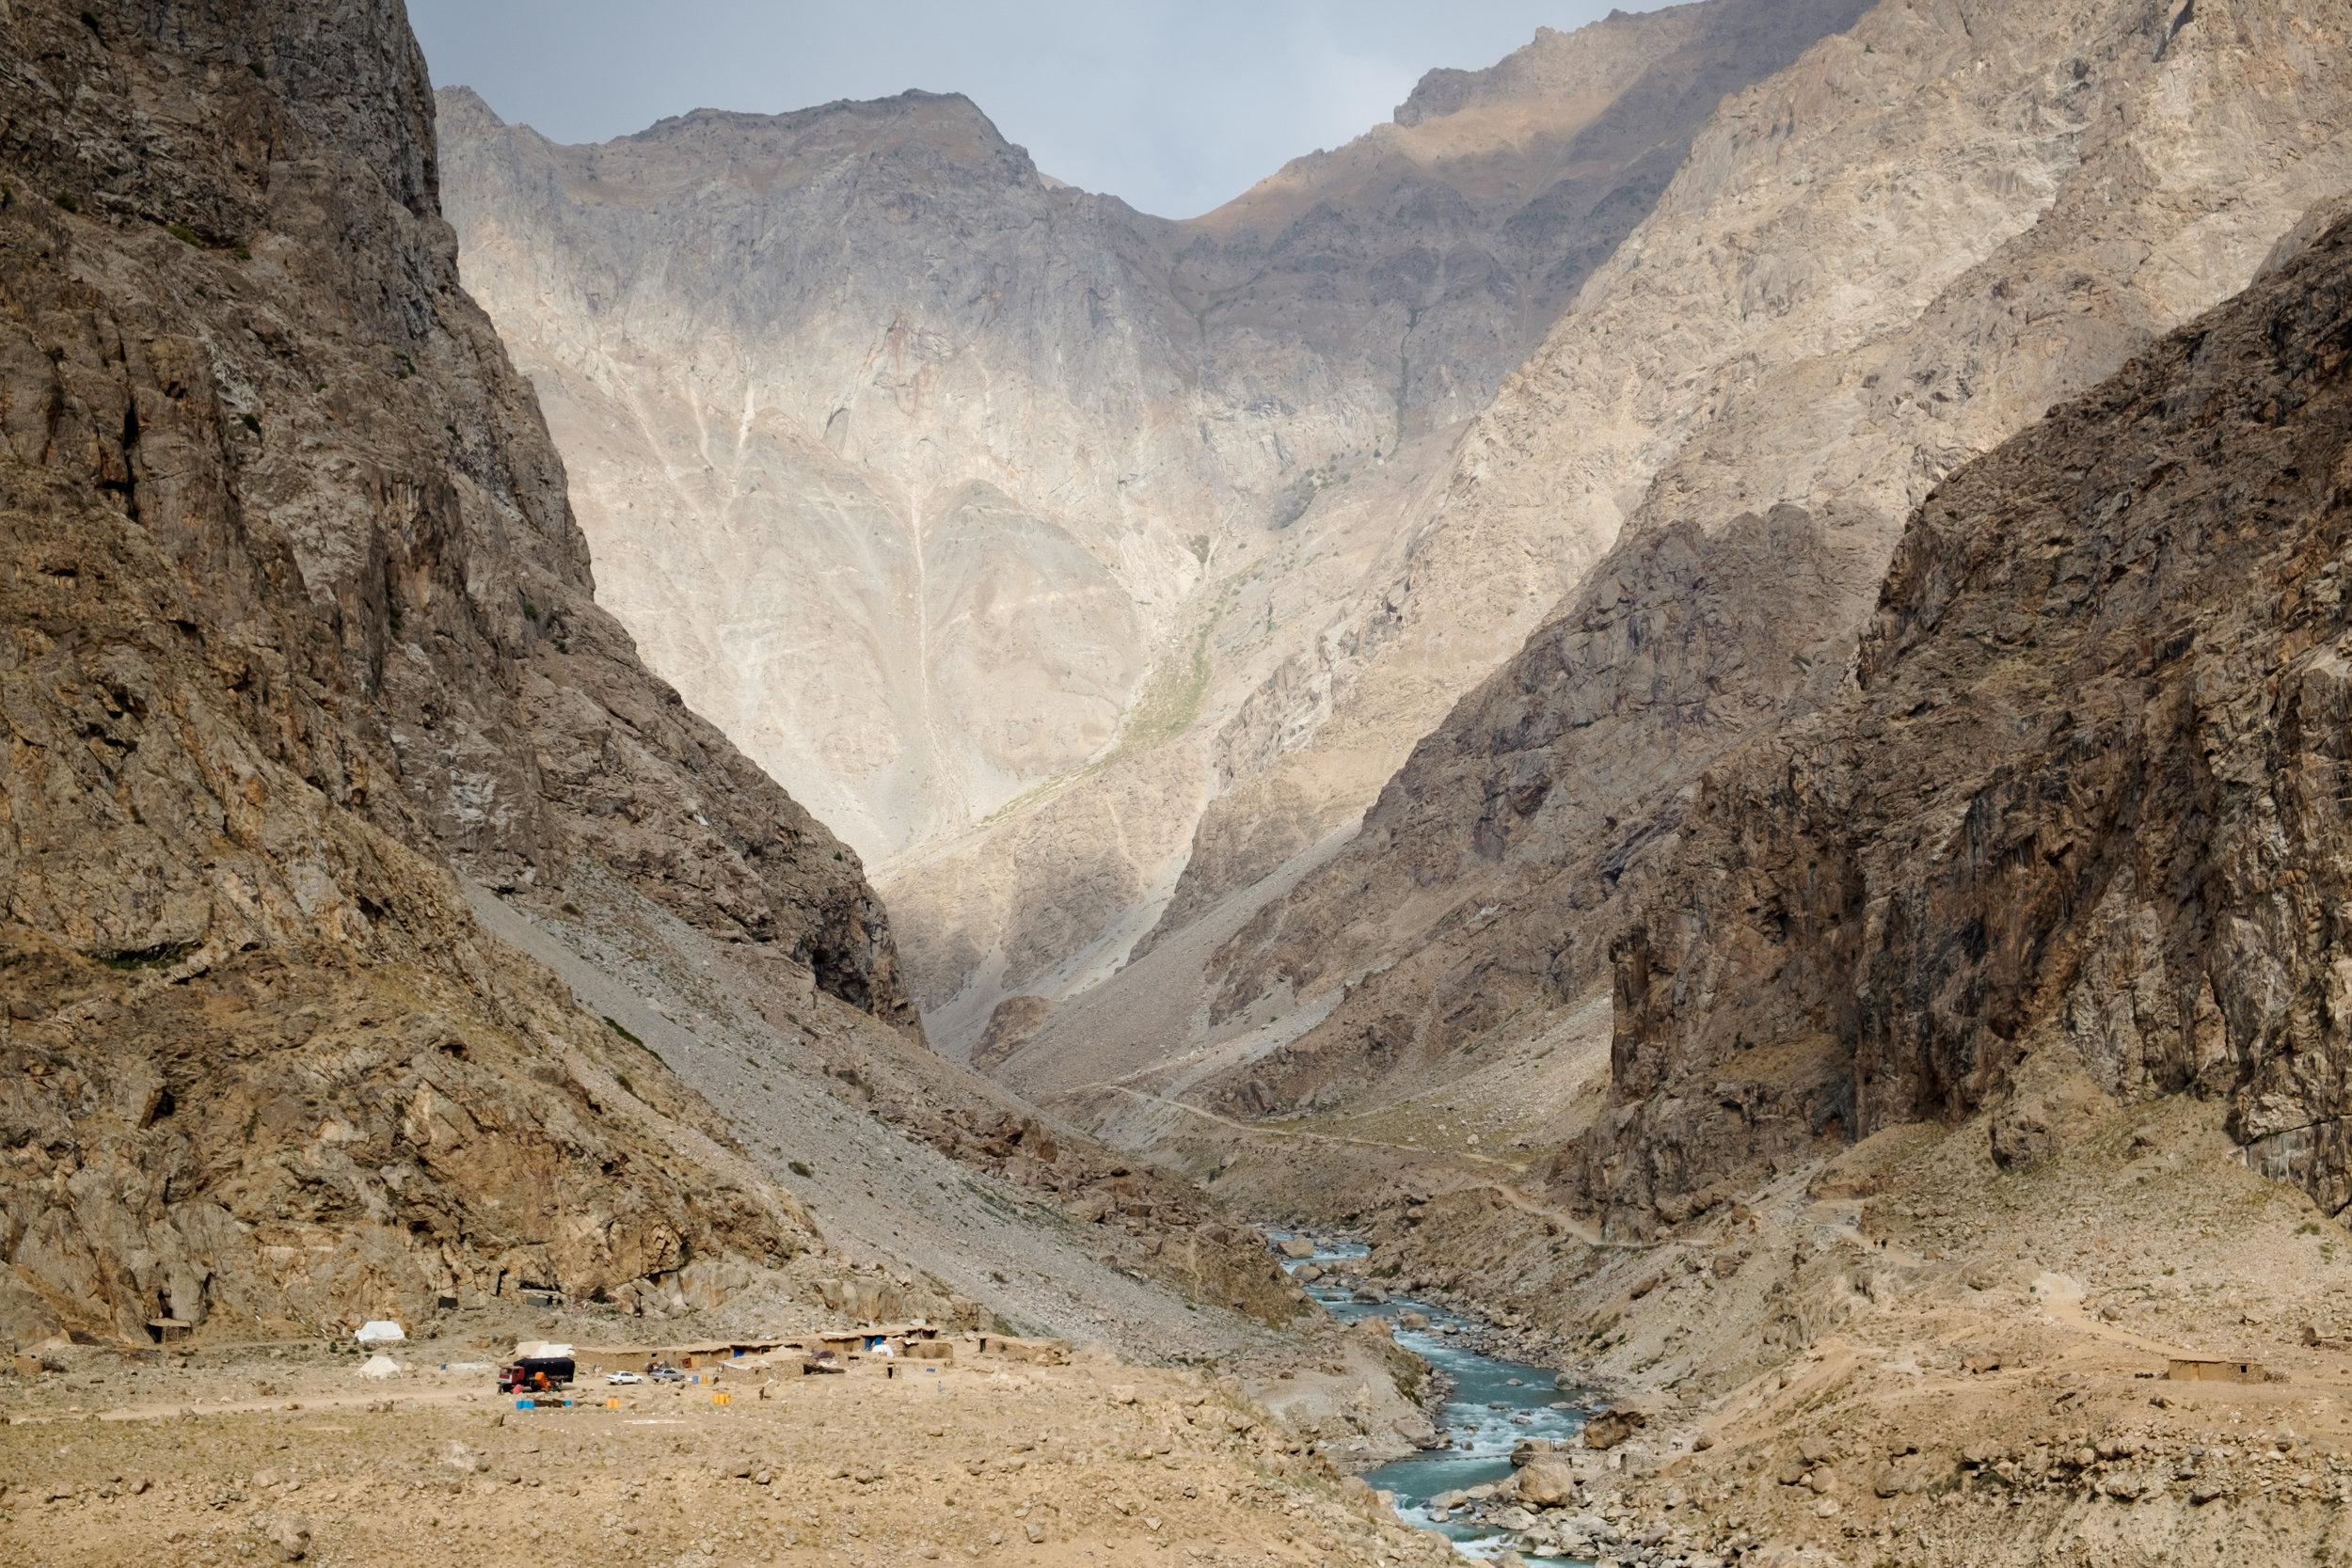 Les haute falaises, côté afghan. Le paysage semble sorti d'une autre planète.